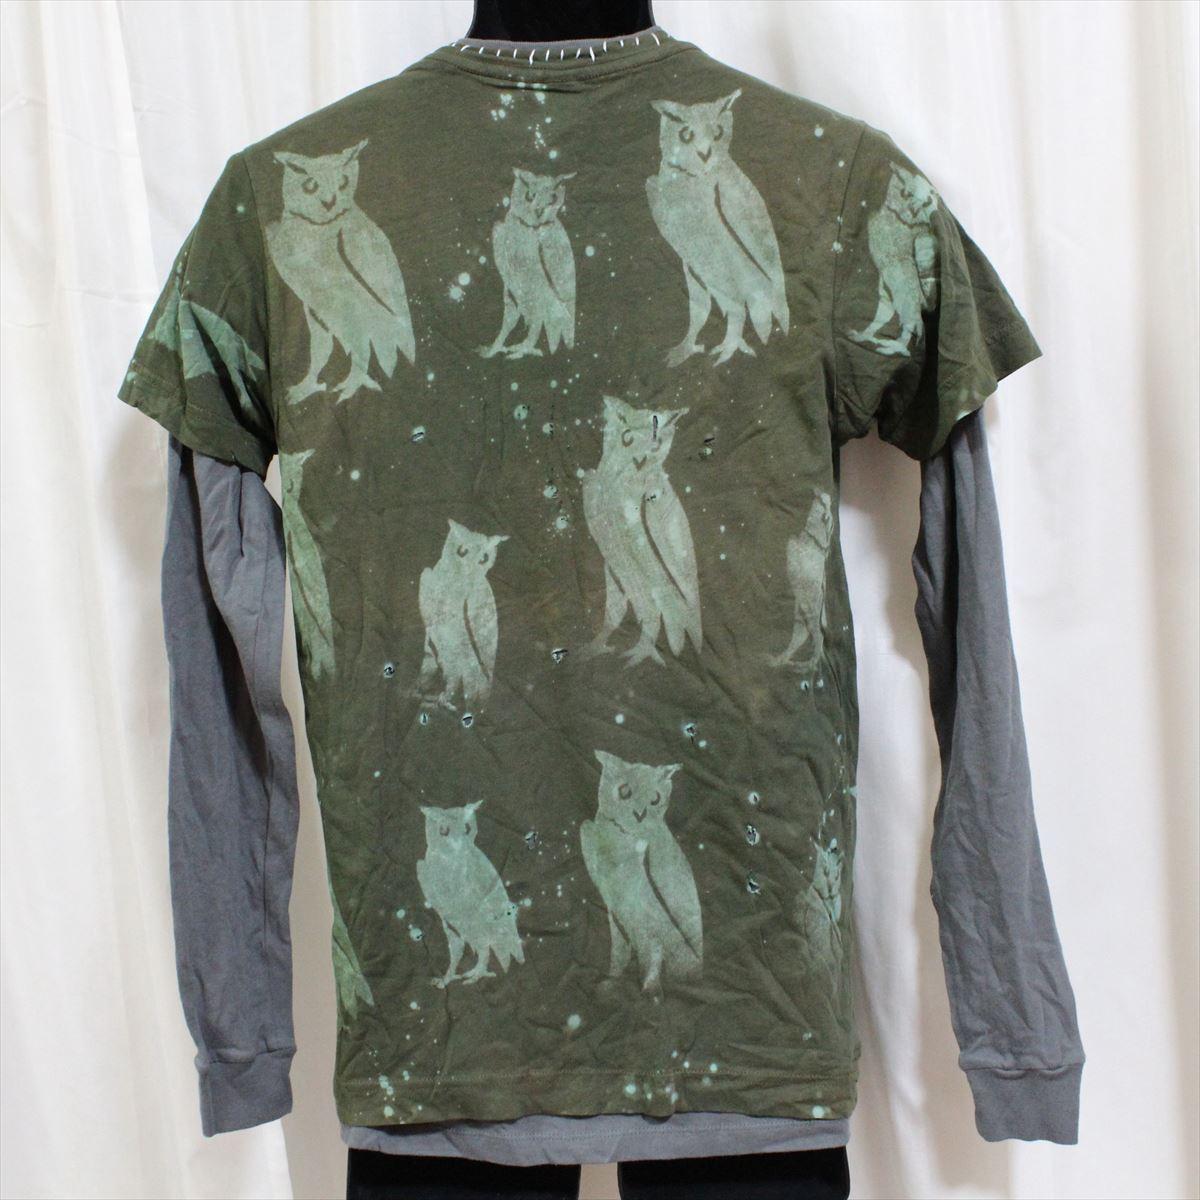 アイコニック ICONIC COUTURE メンズ長袖Tシャツ カーキグリーン Sサイズ 新品 ダブルスリーブ フクロウ アメリカ製_画像4